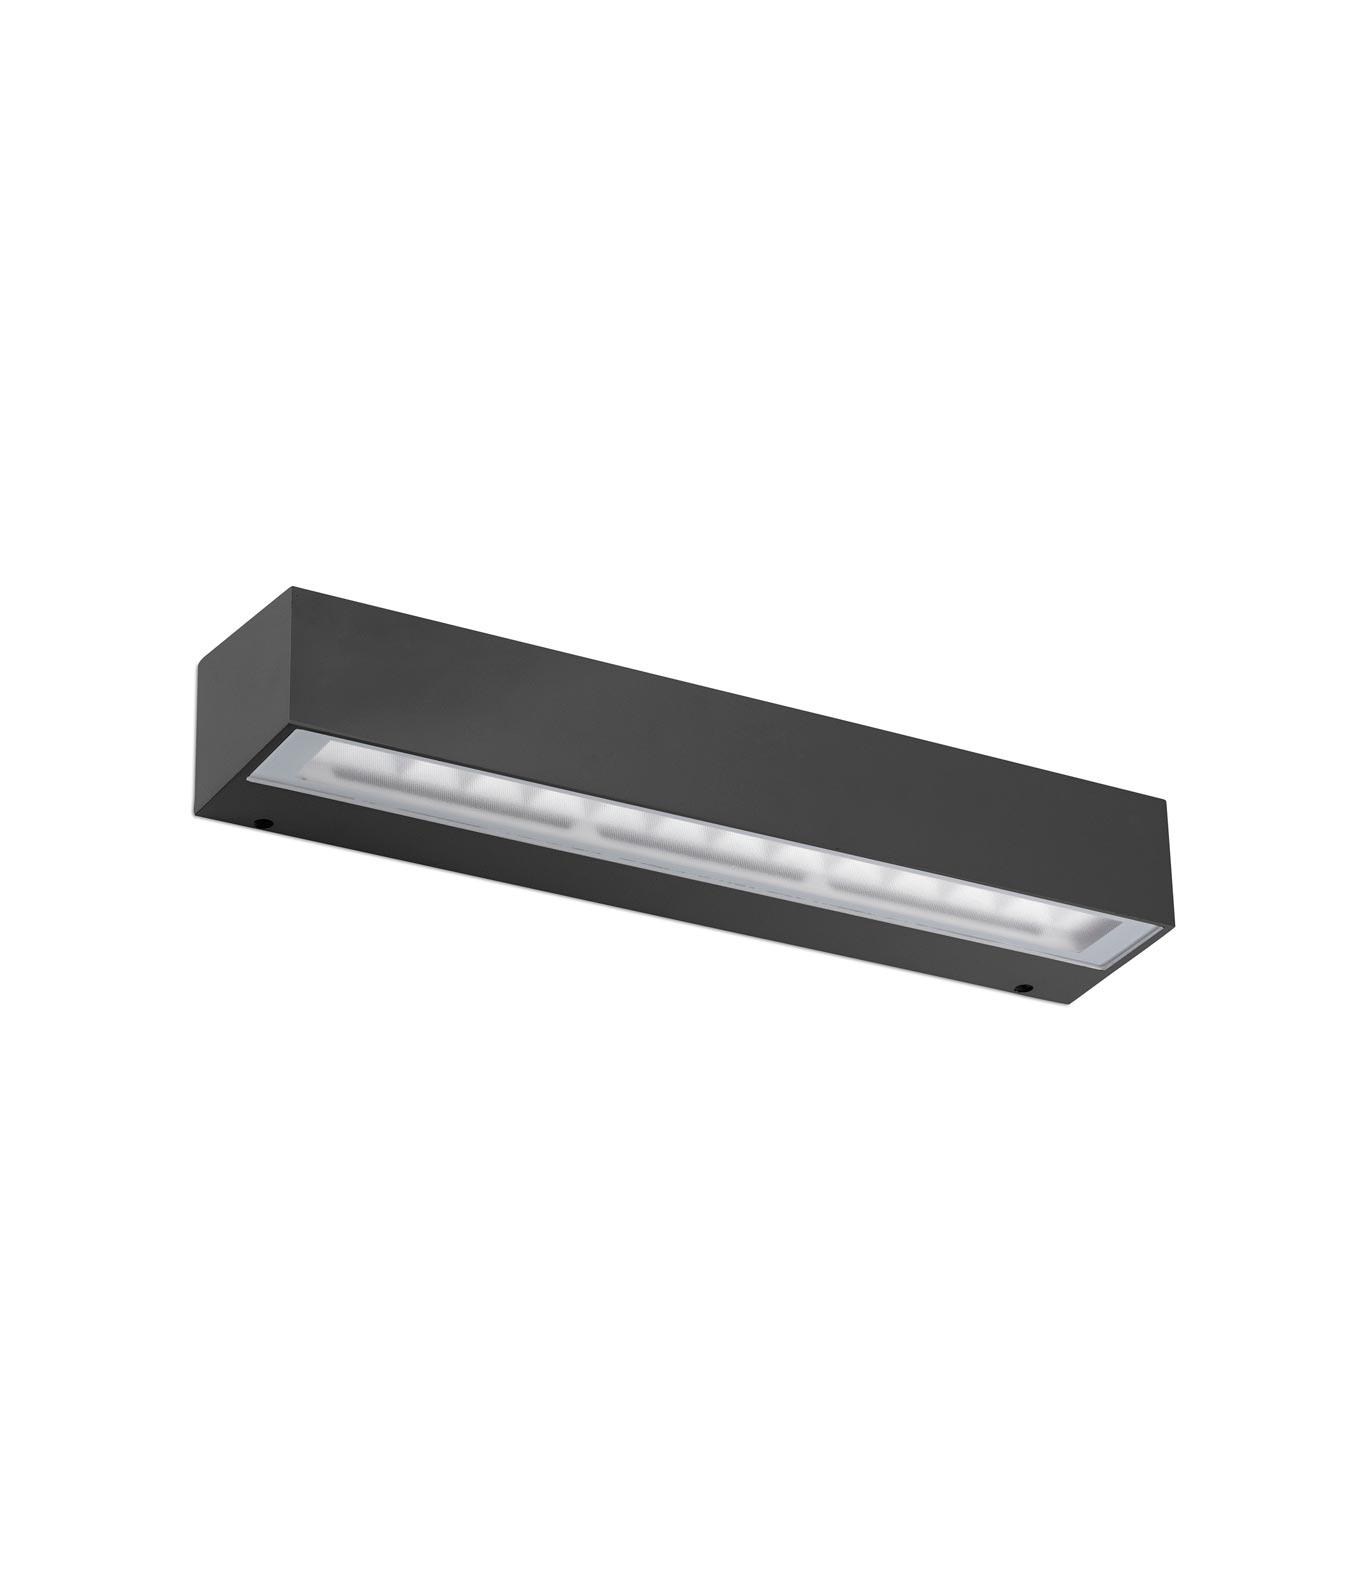 Luminaria gris oscura exterior TACANA LED